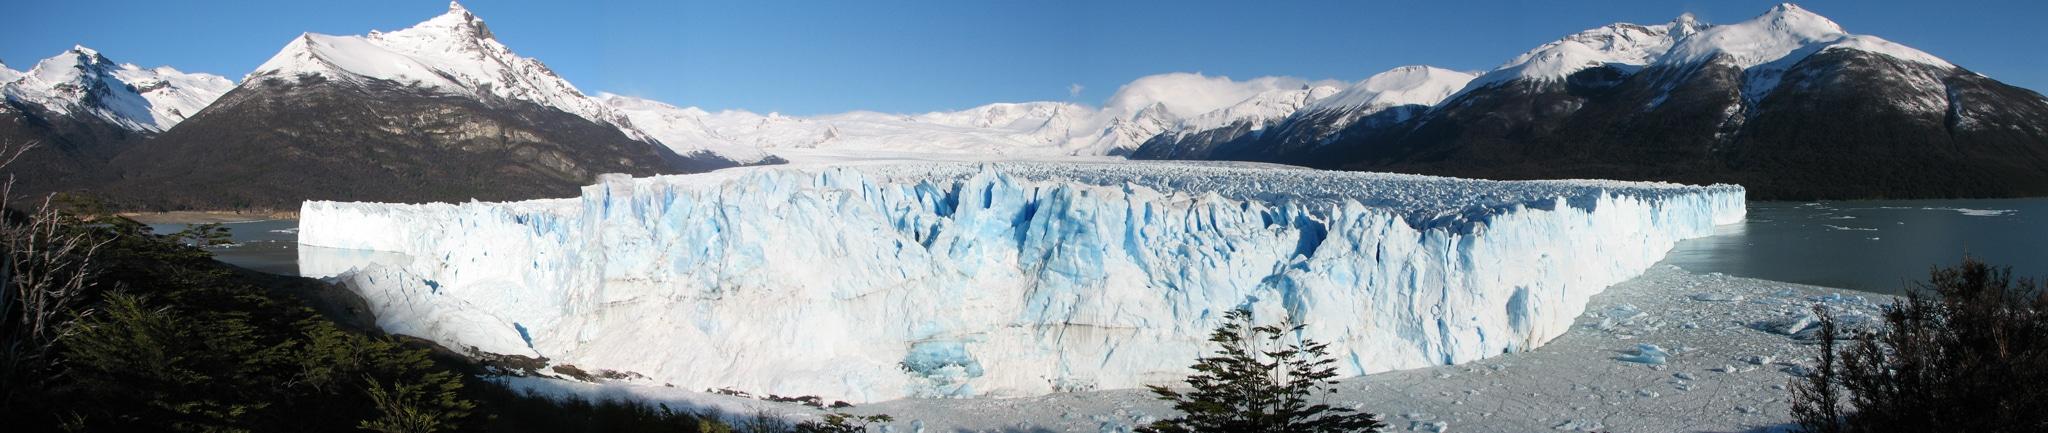 2005 Perito Moreno